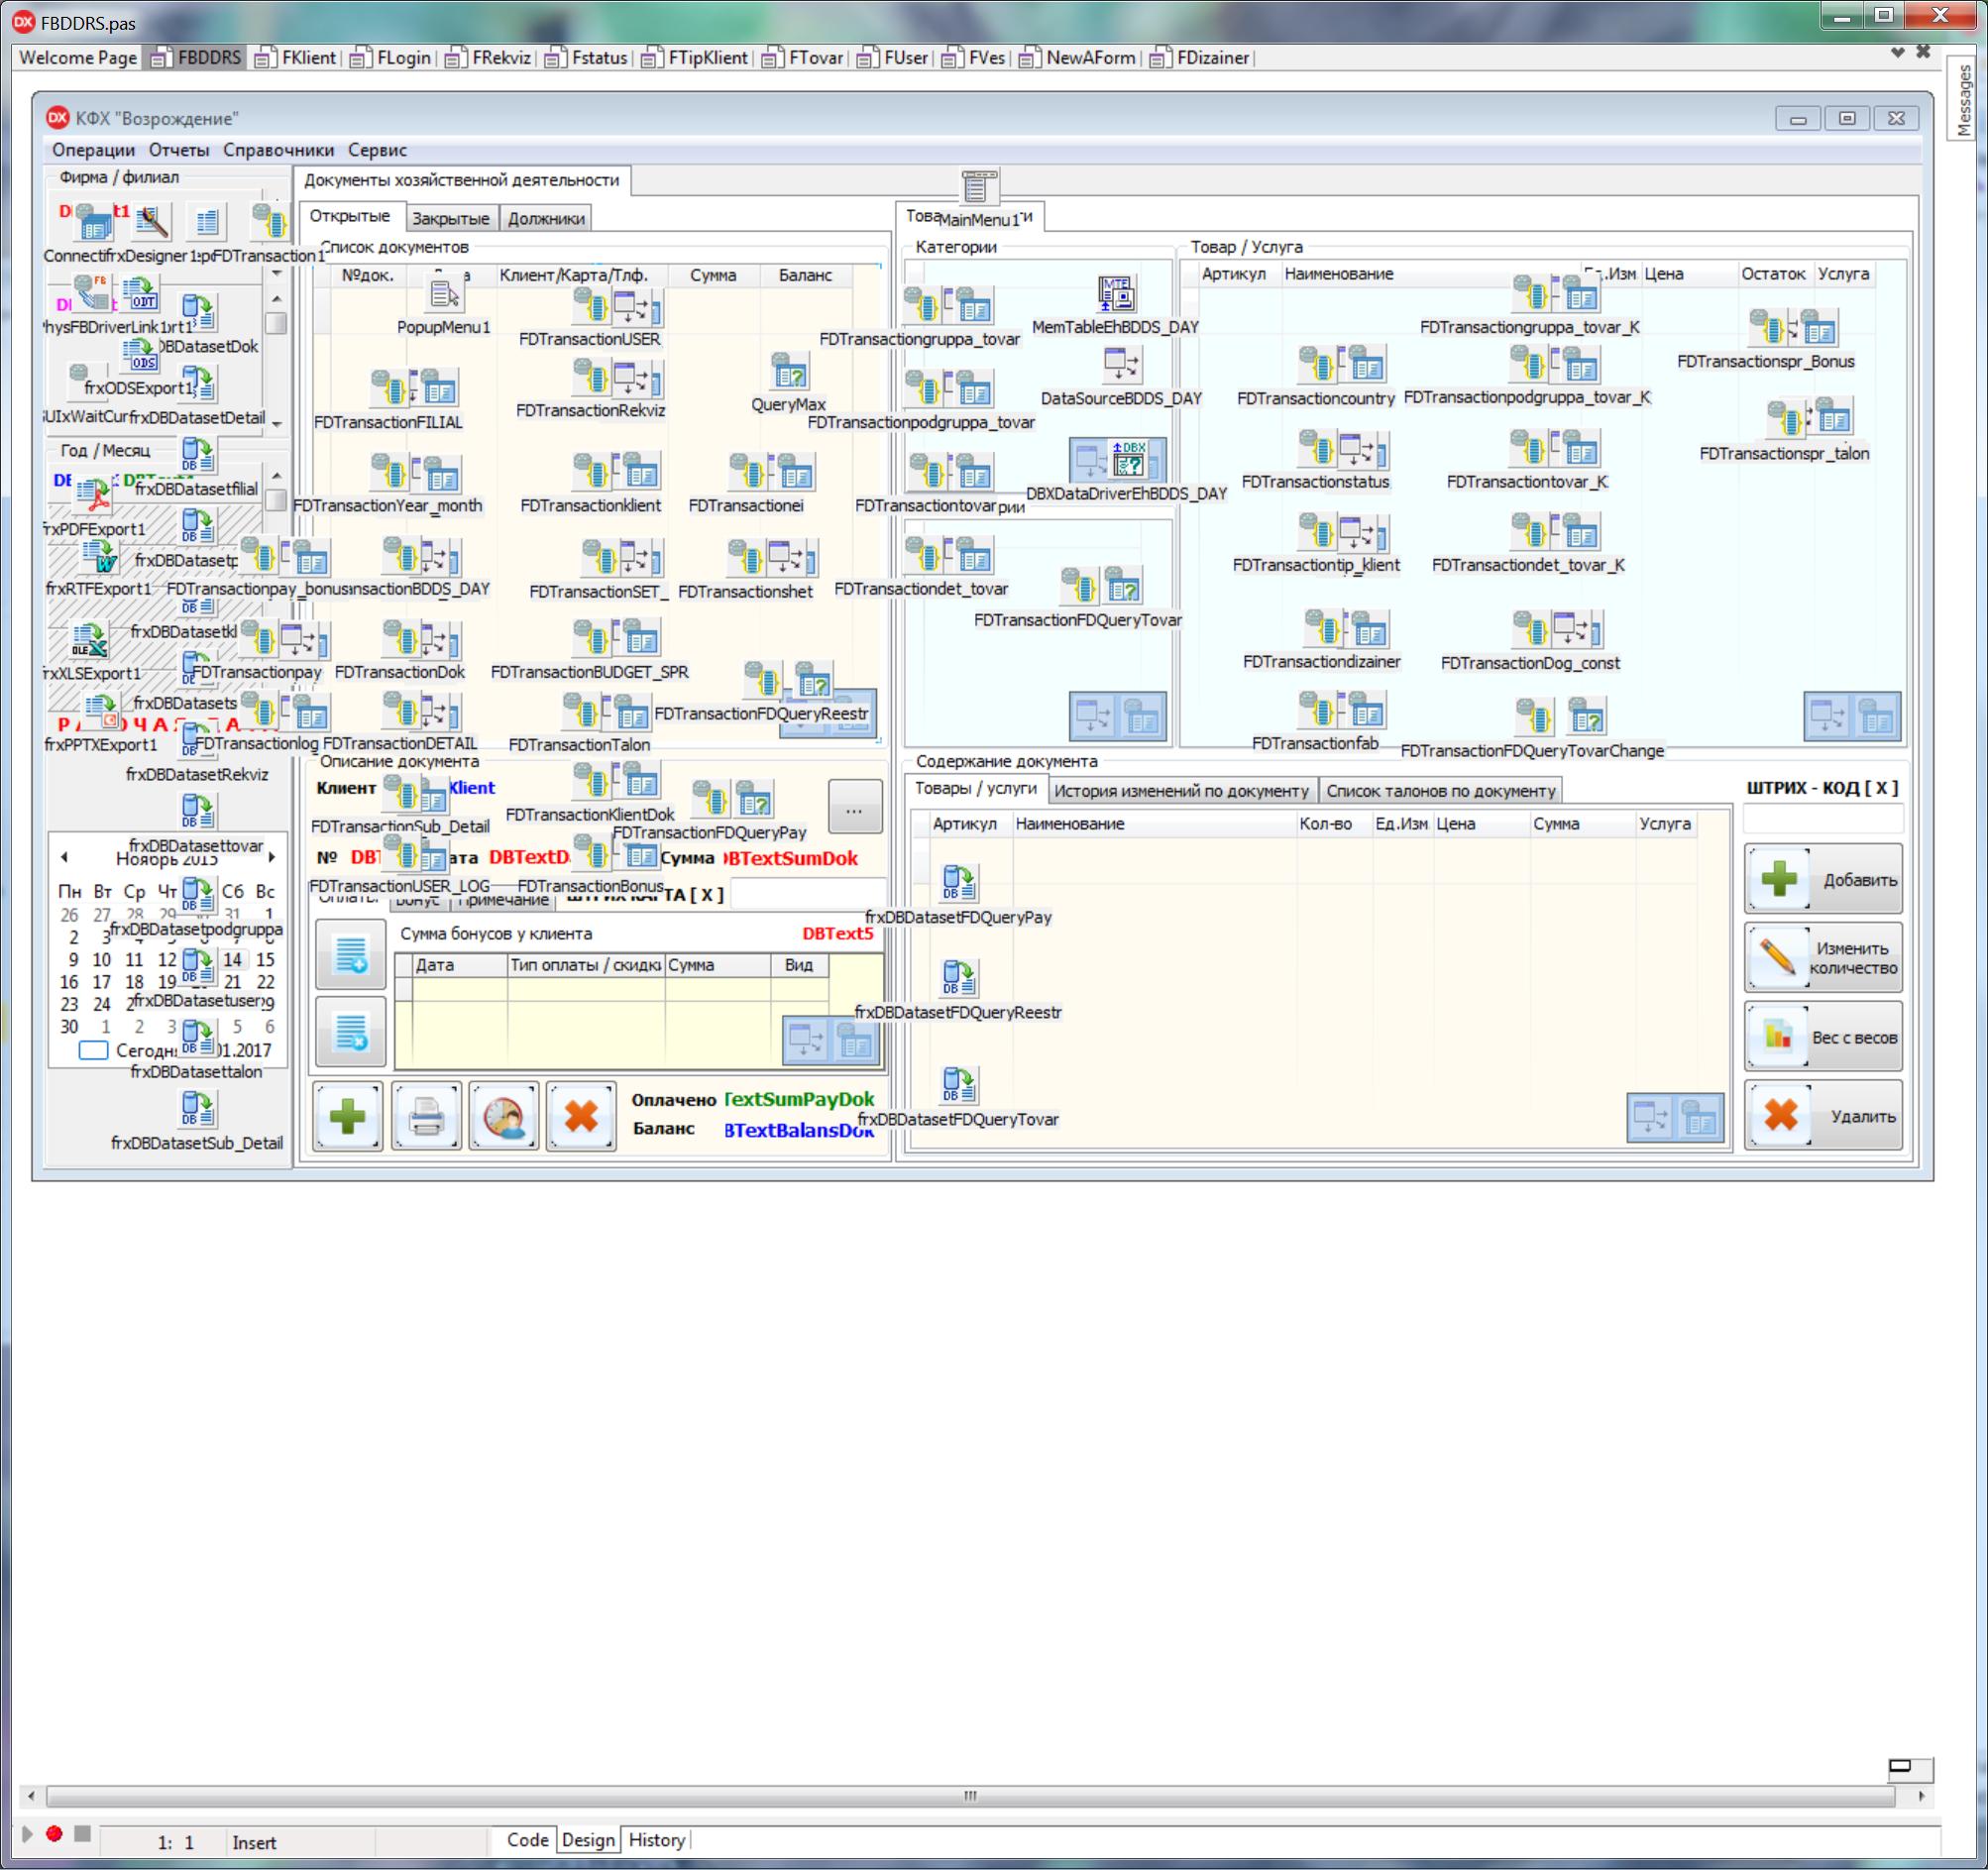 Создание БД FireBird и перевод приложения сделанное на Delphi 10.1 на нее СРМ Гостиница, Рыбалка, Магазин, Склад